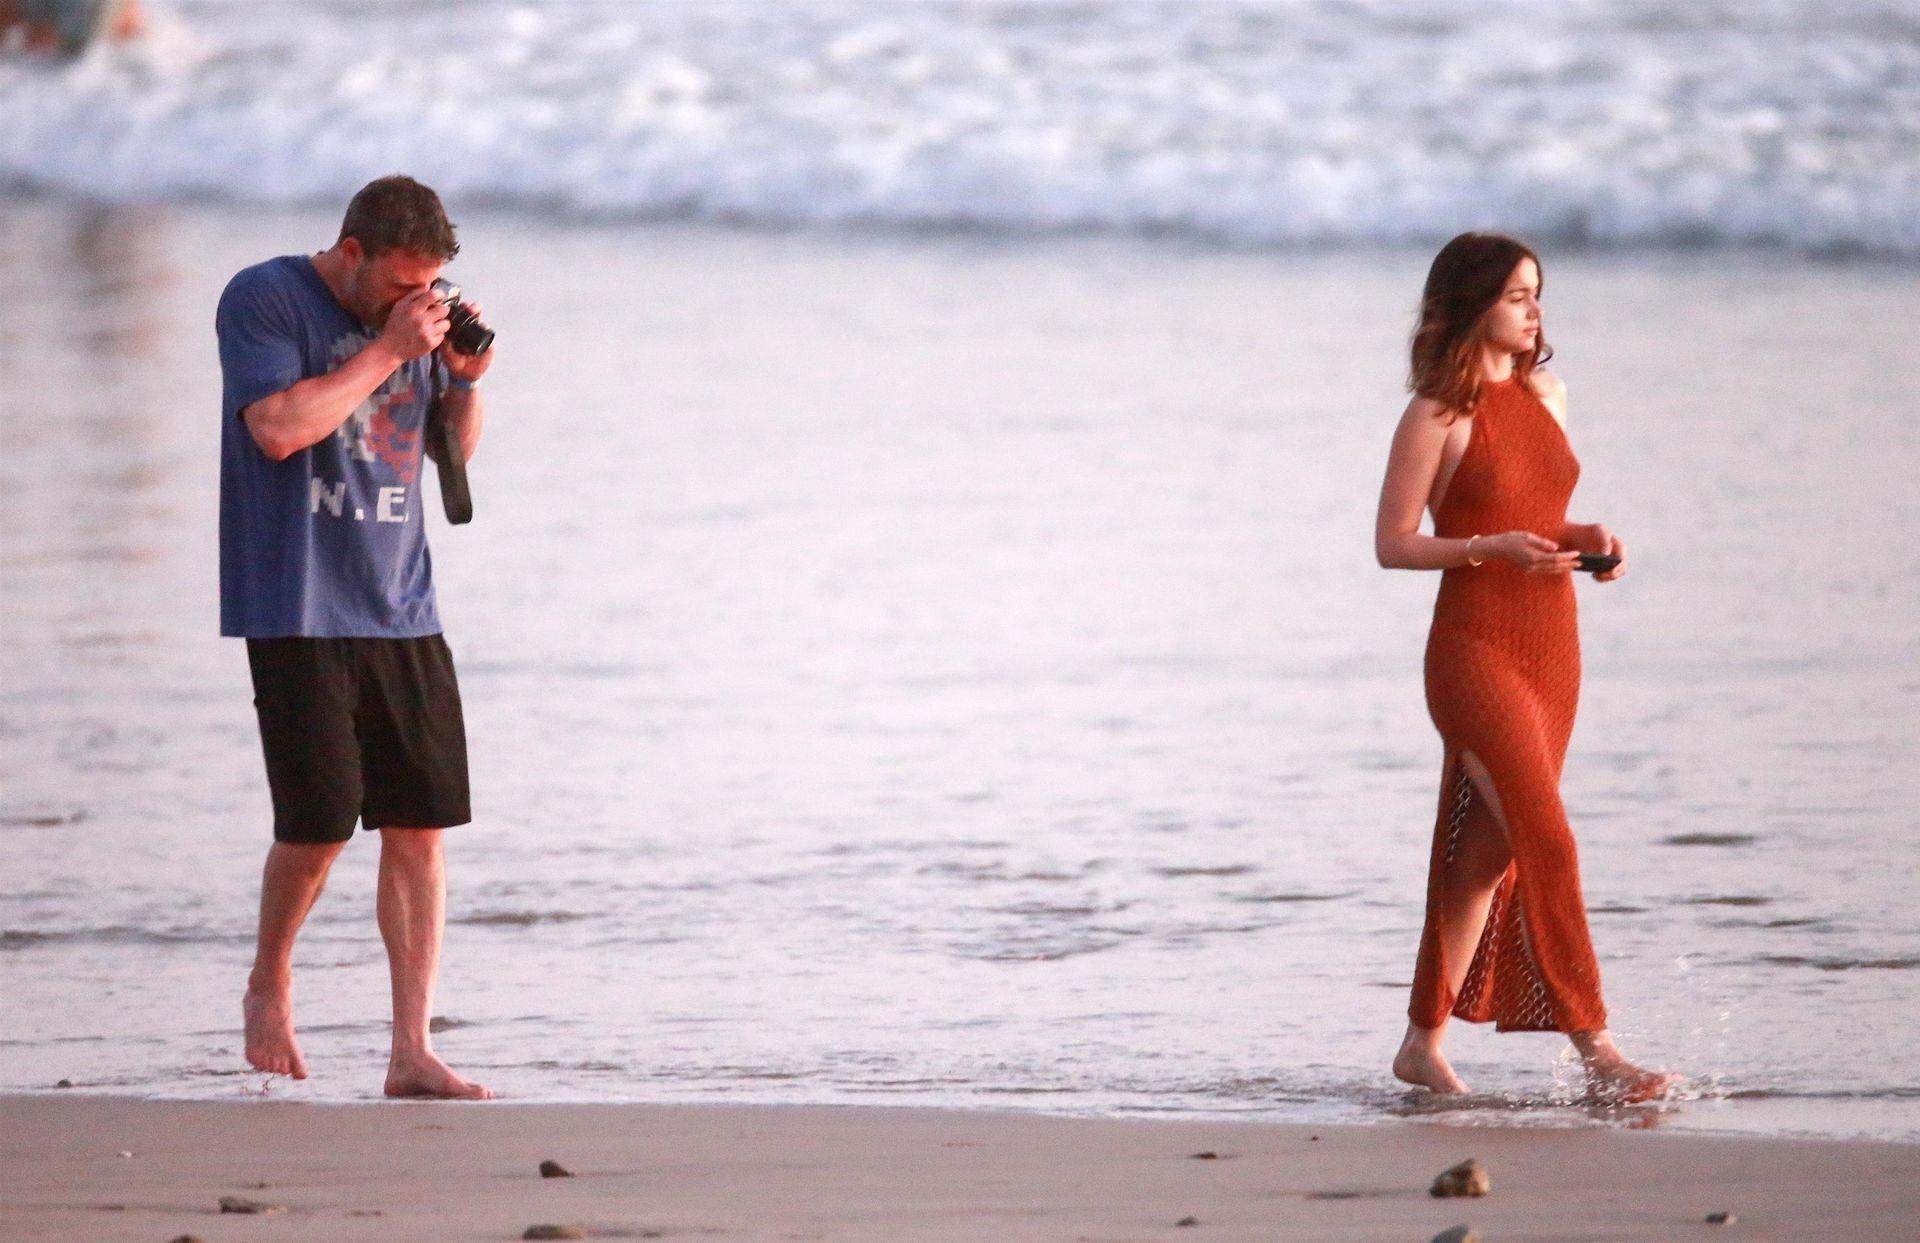 Ben Affleck & Ana De Armas Enjoy A Pda Moment During Romantic Beach Stroll In Costa Rica 0038